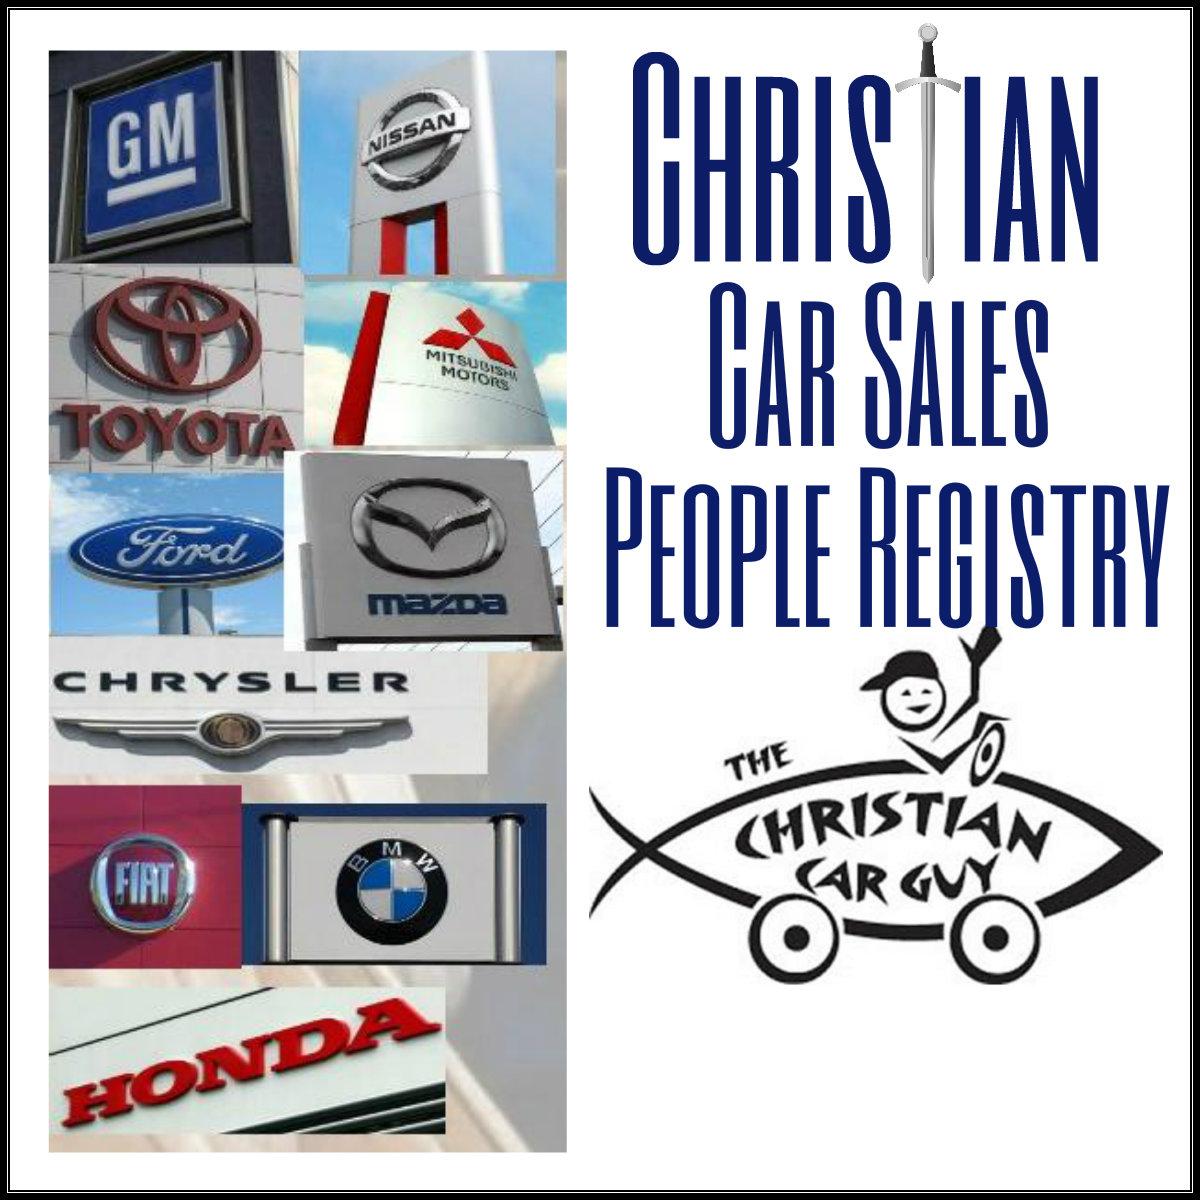 Christian Car Guy Sales People Registry